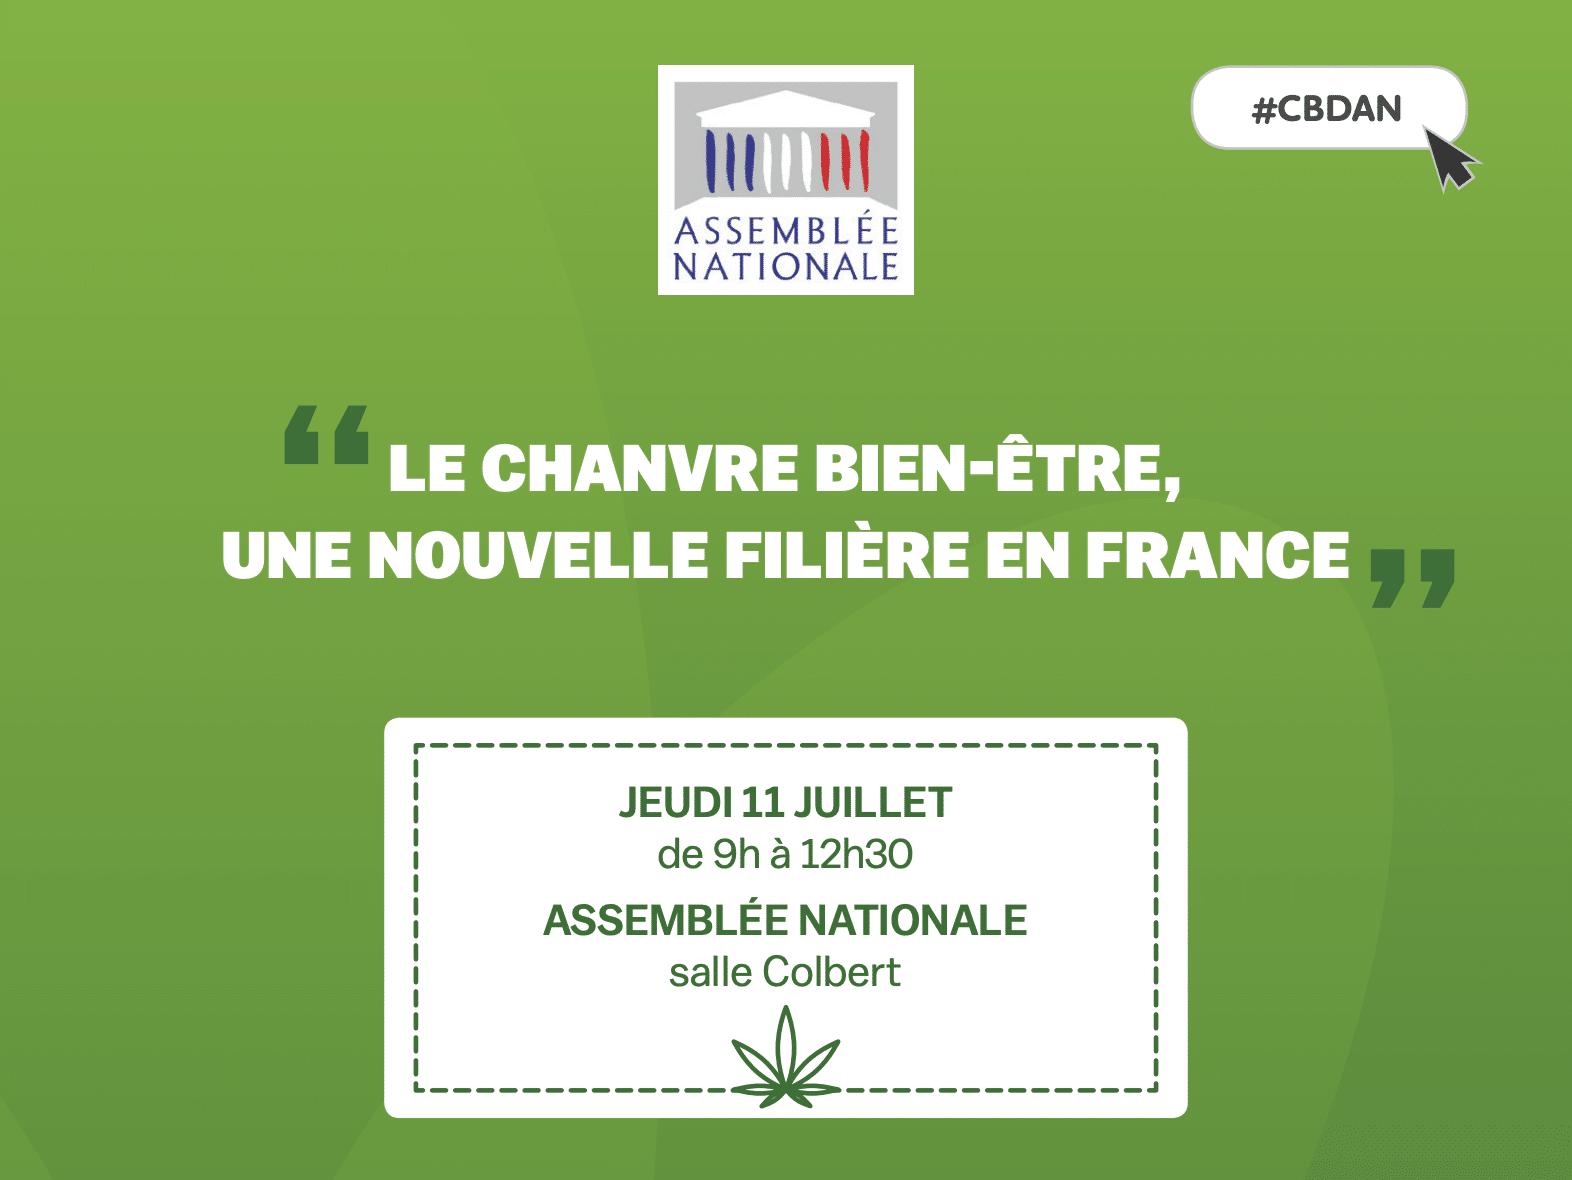 «Chanvre bien-être, une nouvelle filière en France»